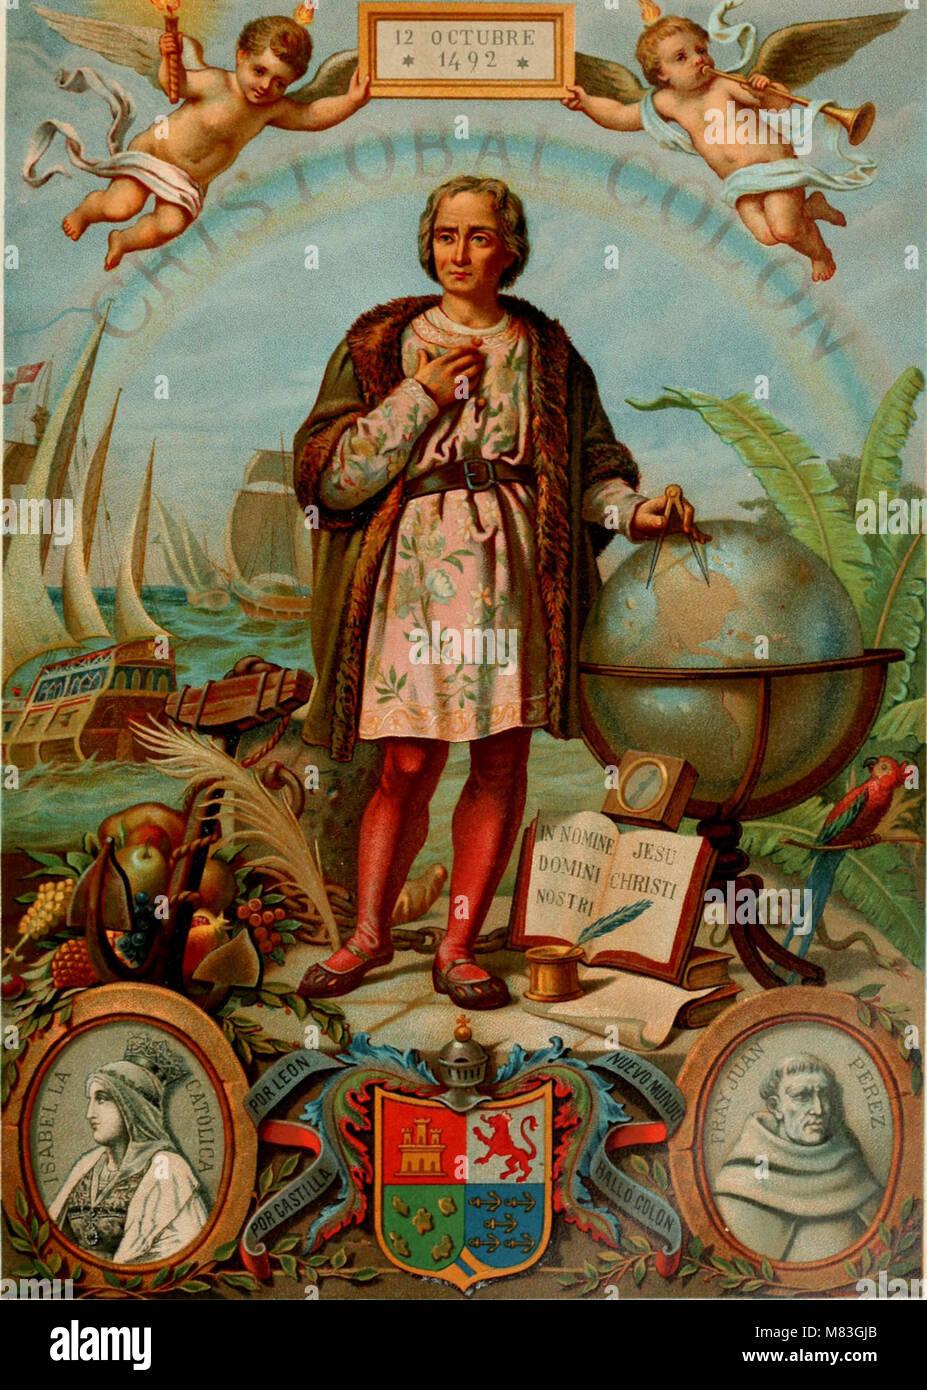 Cristóbal Cólon - su vida, sus viajes, sus descubrimientos (1891) (14798141123) Stock Photo